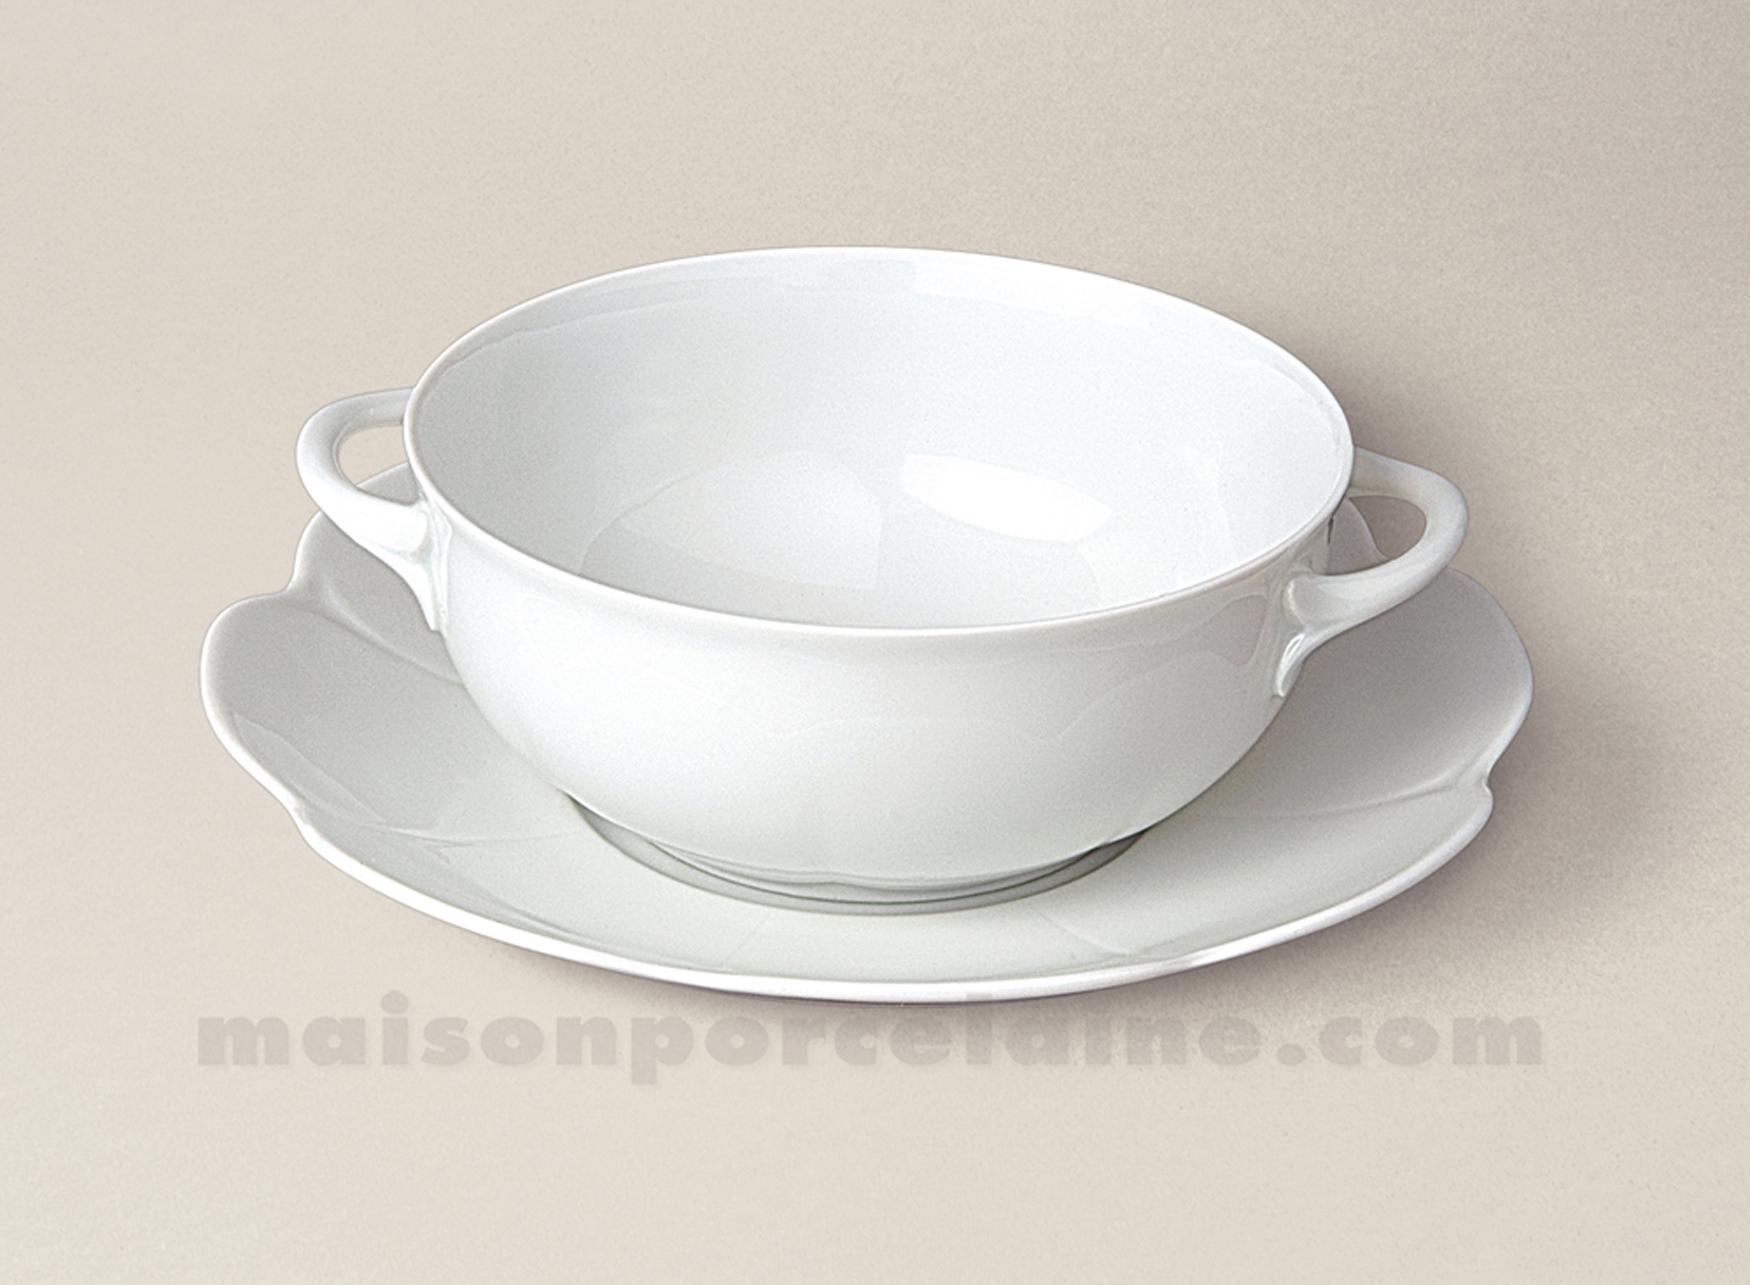 Tasse bouillon soucoupe limoges porcelaine blanche nymphea for Maison de la porcelaine